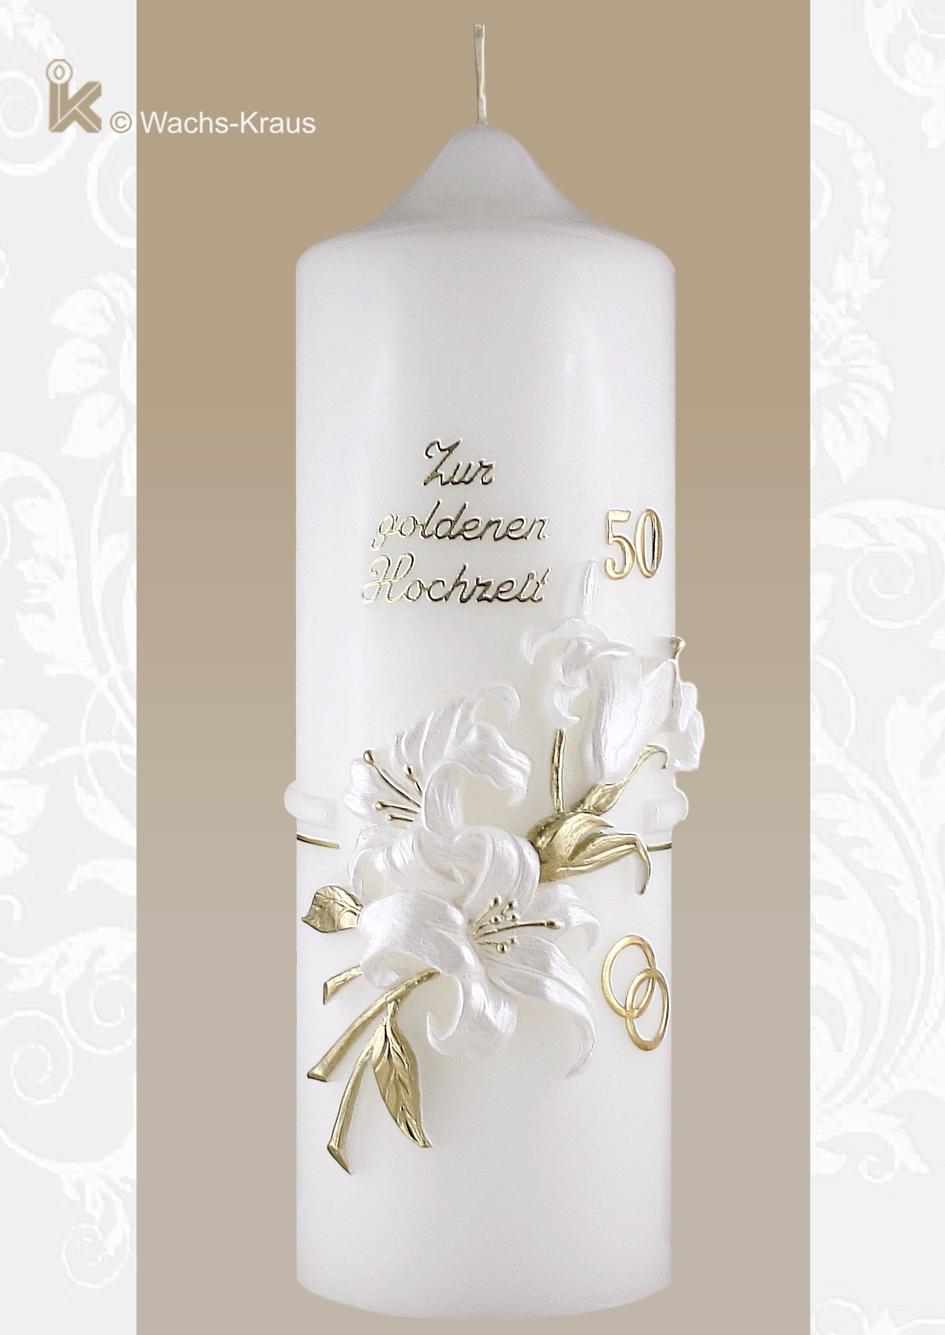 Mehr Stil und Geschmack kann man kaum in einer Kerze zur Goldenen Hochzeit vermitteln als mit dieser Jubiläumskerze der Extraklasse.